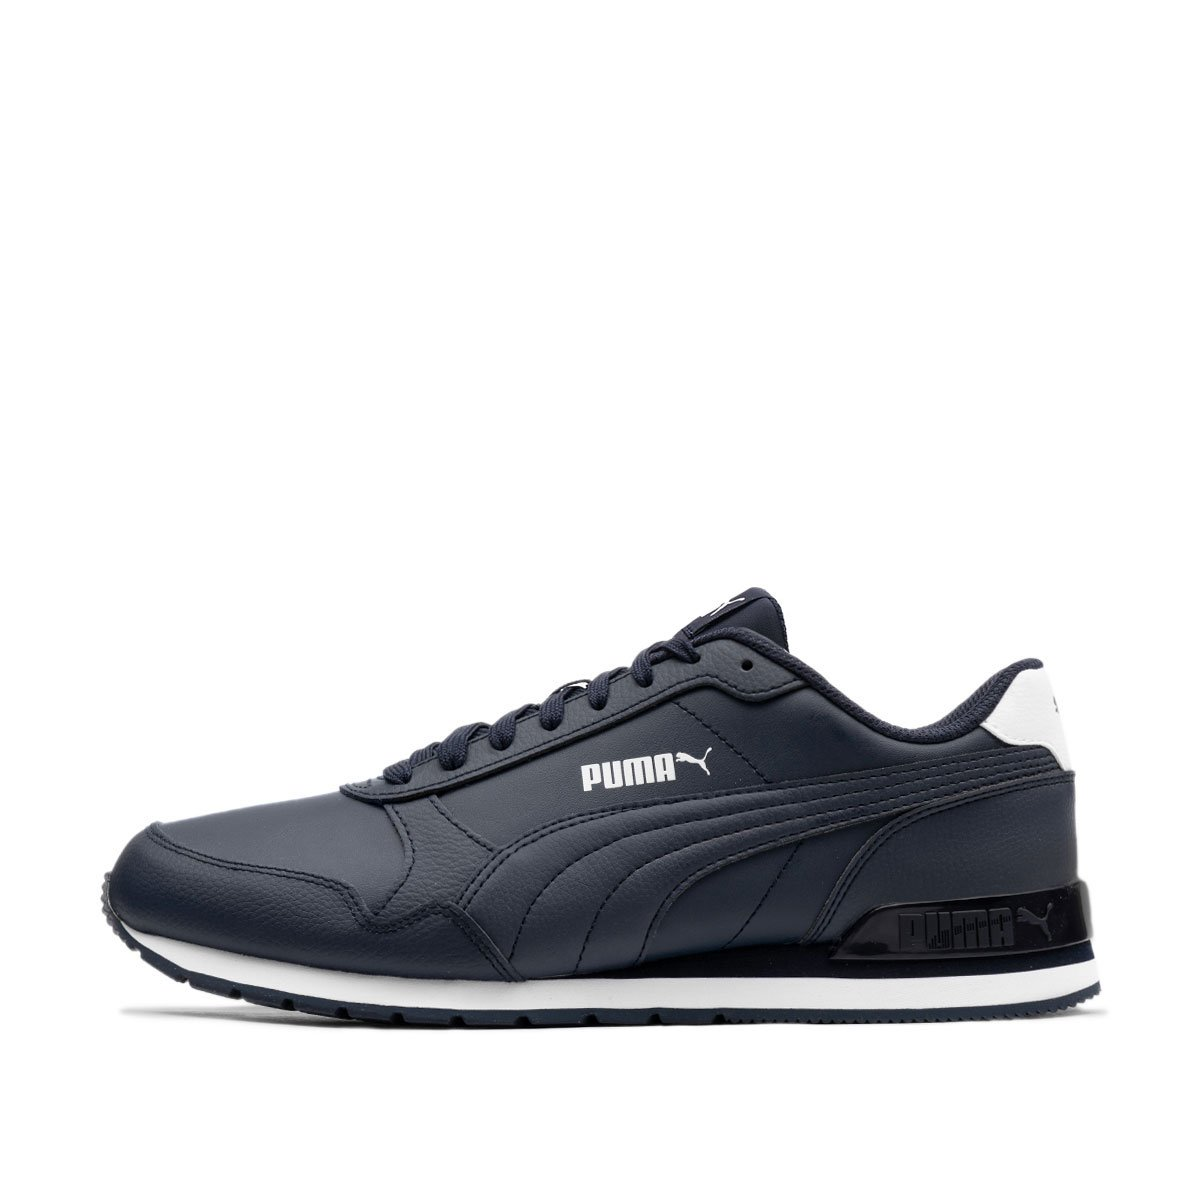 Puma ST Runner v2 Full Leather